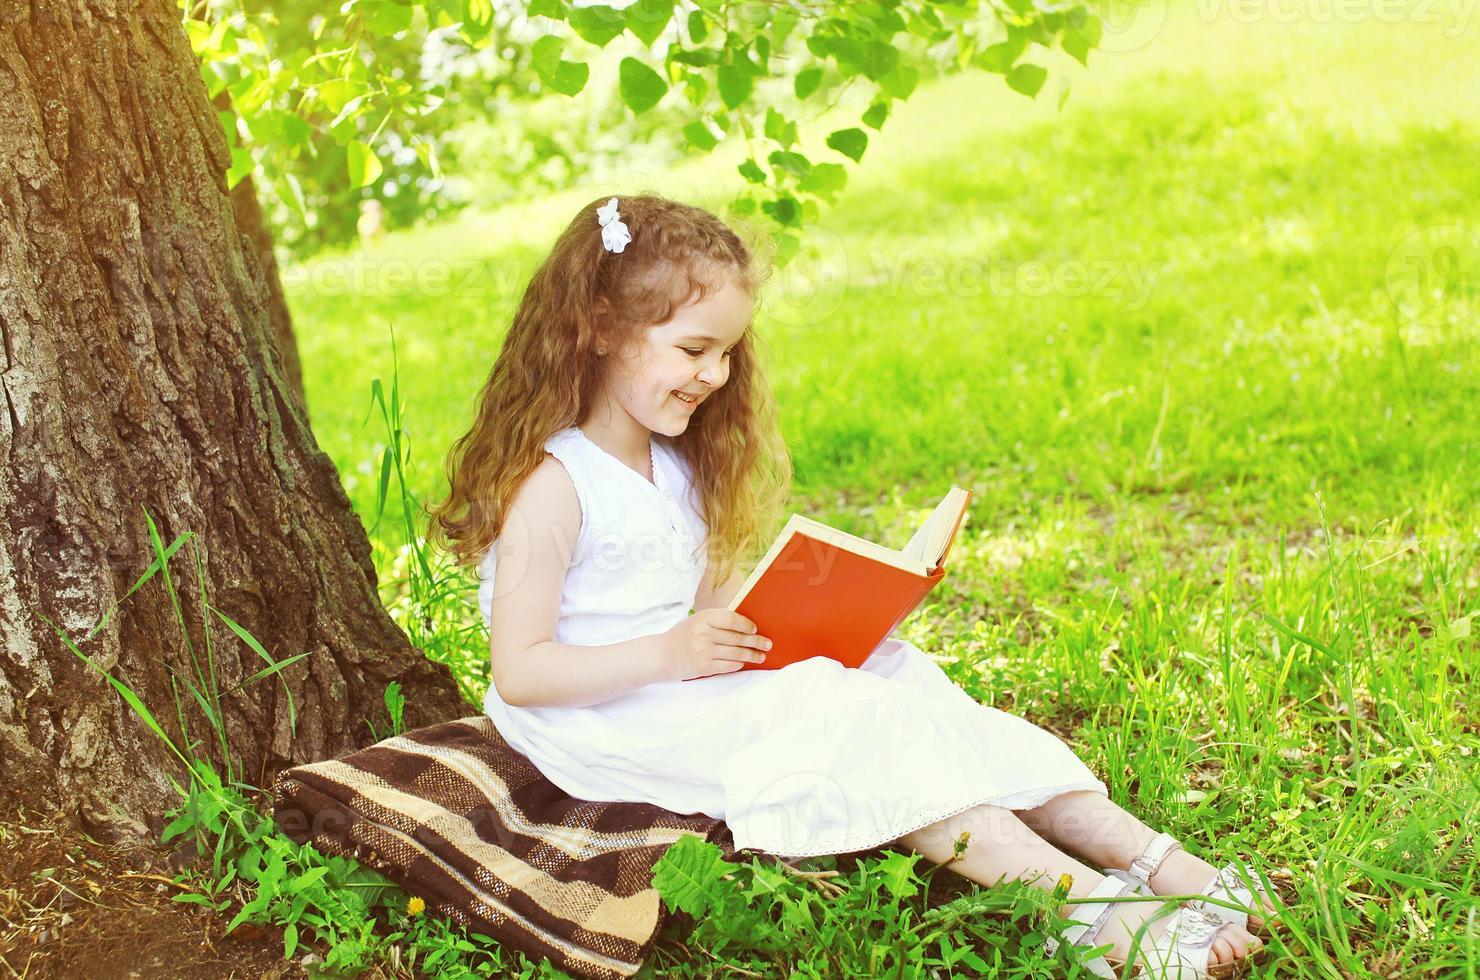 sourire, petite fille, enfant, livre lecture, sur, herbe, près, arbre photo